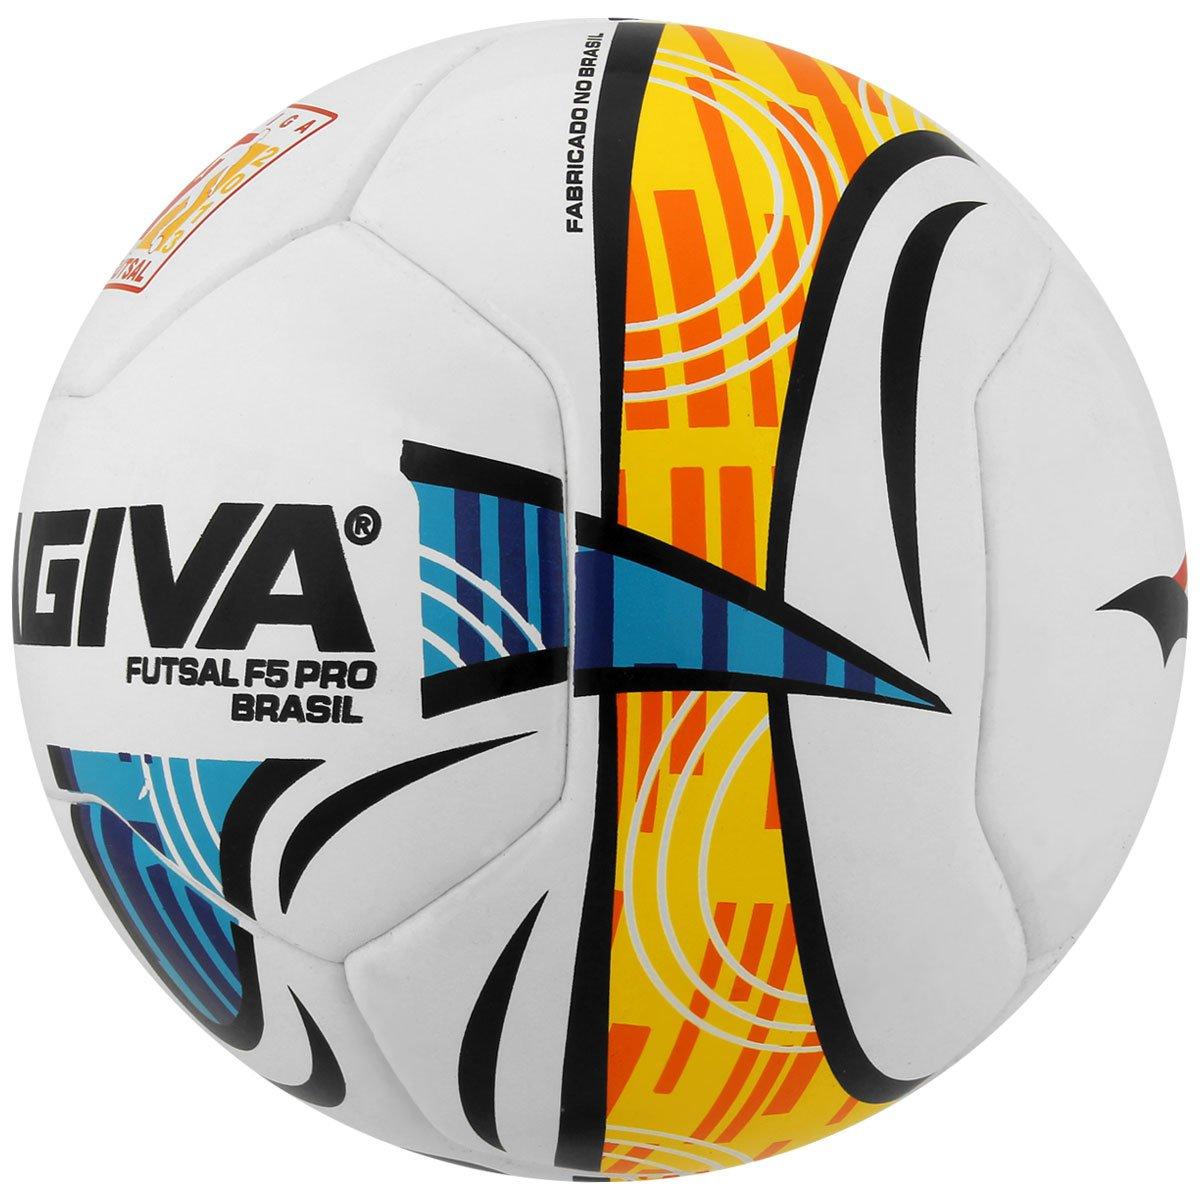 Bola Kagiva F5 Pro FPFS Futsal - Compre Agora  572fba7e4f6a0